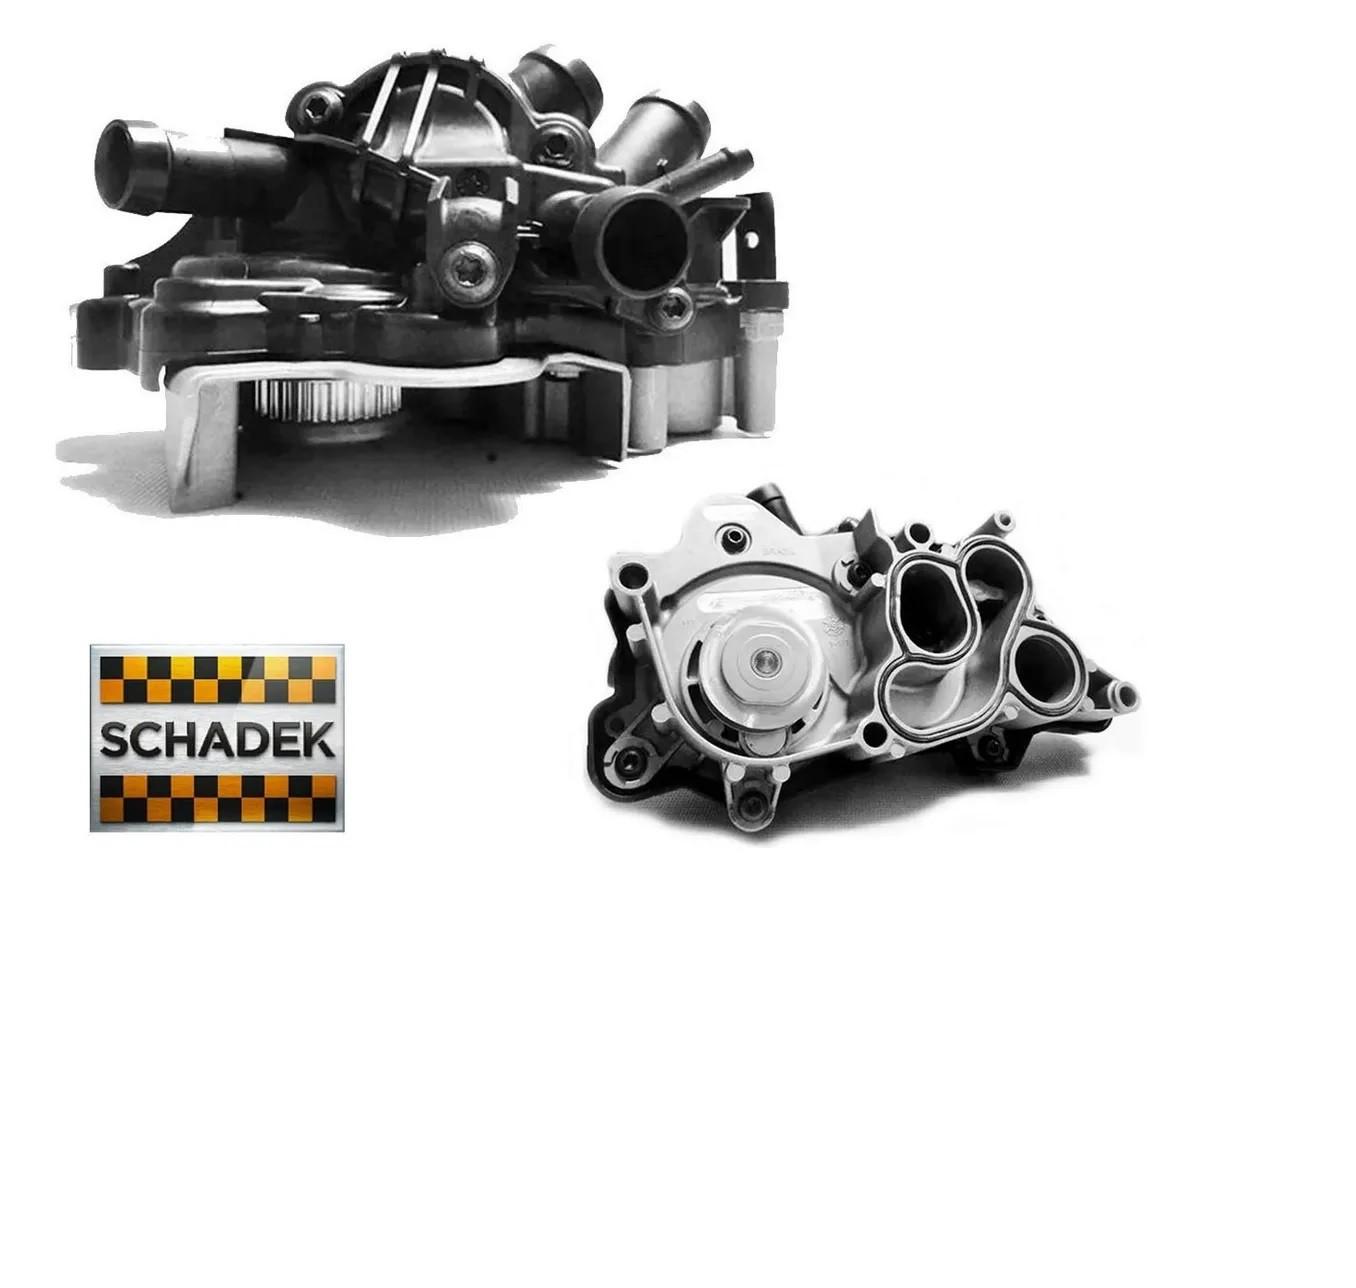 Bomba d Agua com Correia Audi A1 A3  VW Golf Jetta Tiguan 1.4 16V EA211 Após 2013